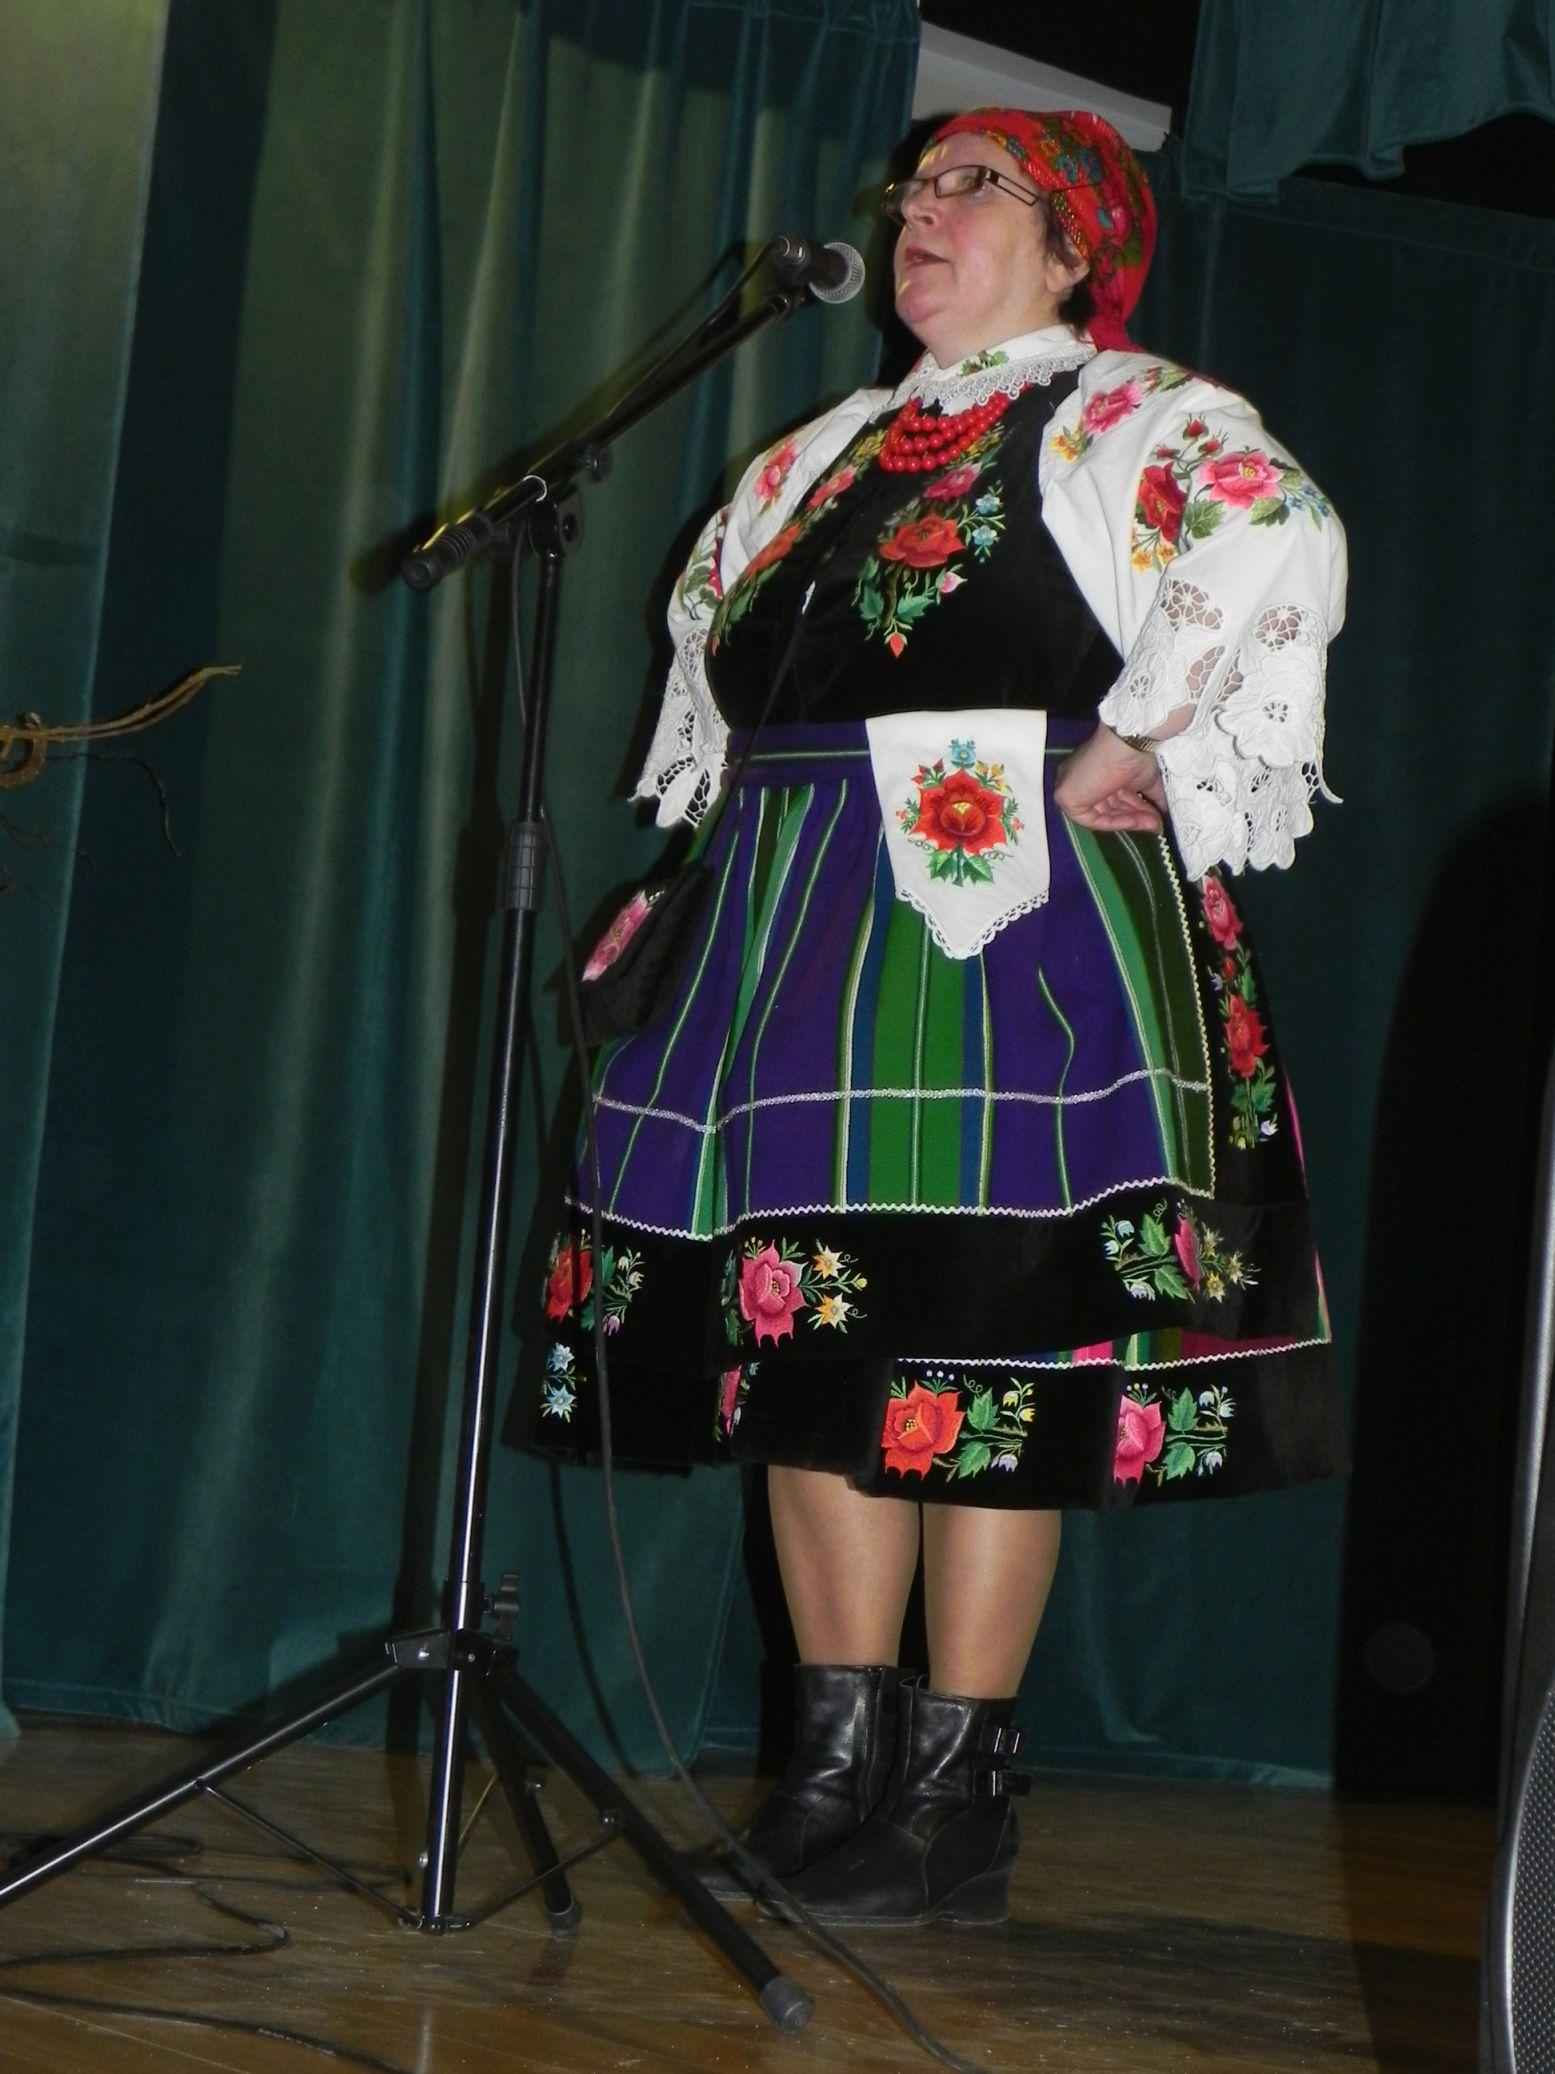 2015-02-14 Boguszyce - gawędy (32)